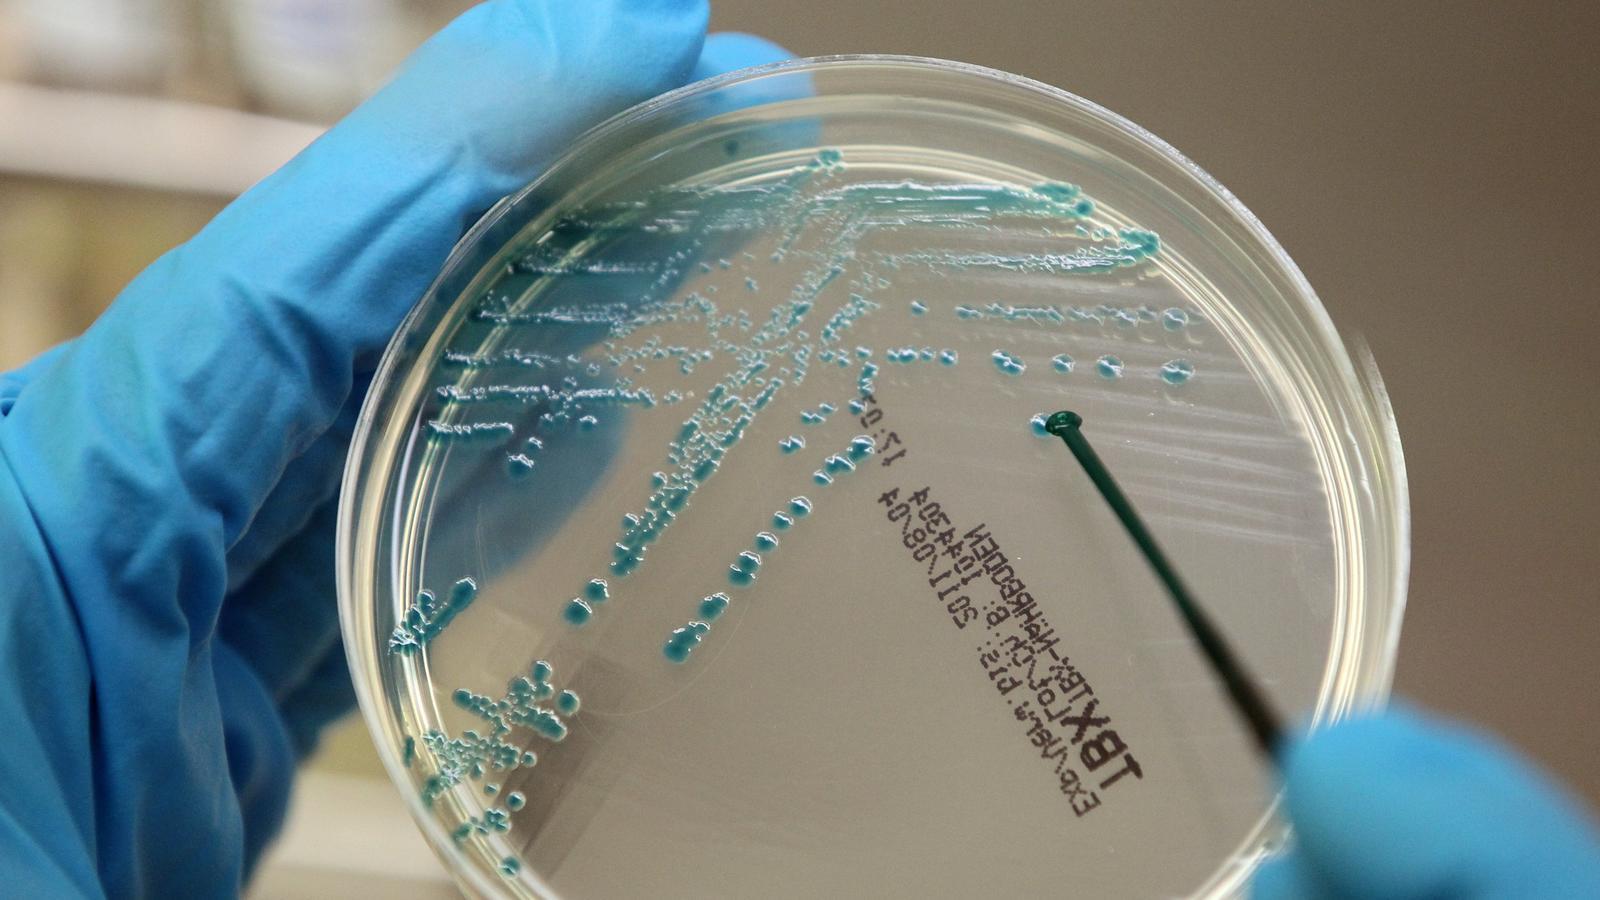 fleischfressende bakterien bilder